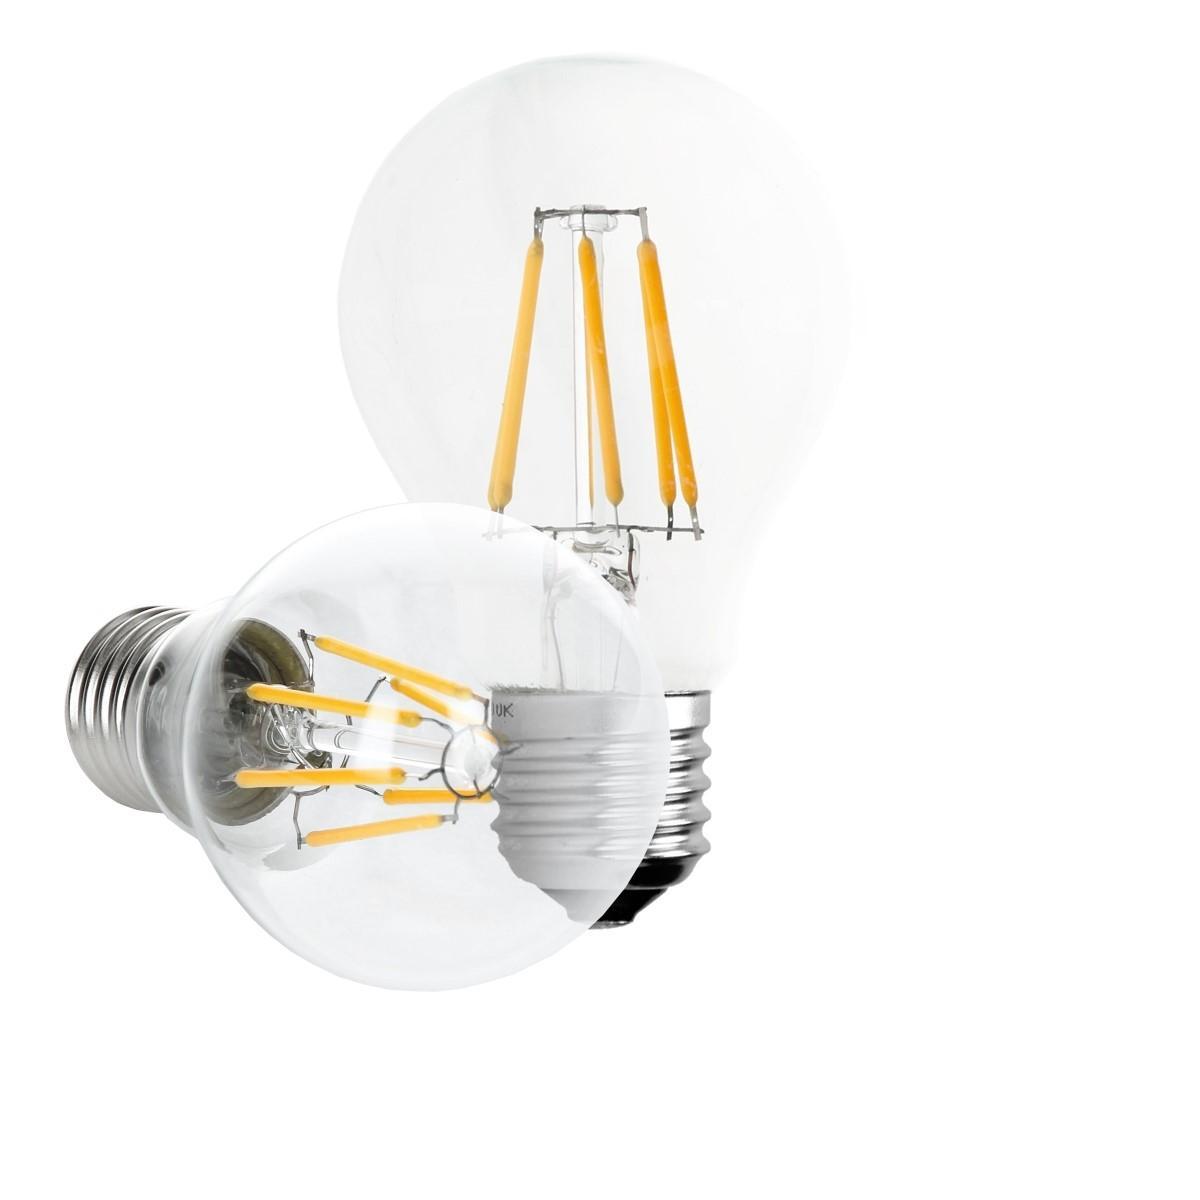 Ecd Germany ECD Germany 5 x LED Filament de l'ampoule E27 classique Edison 6W 612 lumens angle de faisceau 120 ° AC 220-240 reste ca